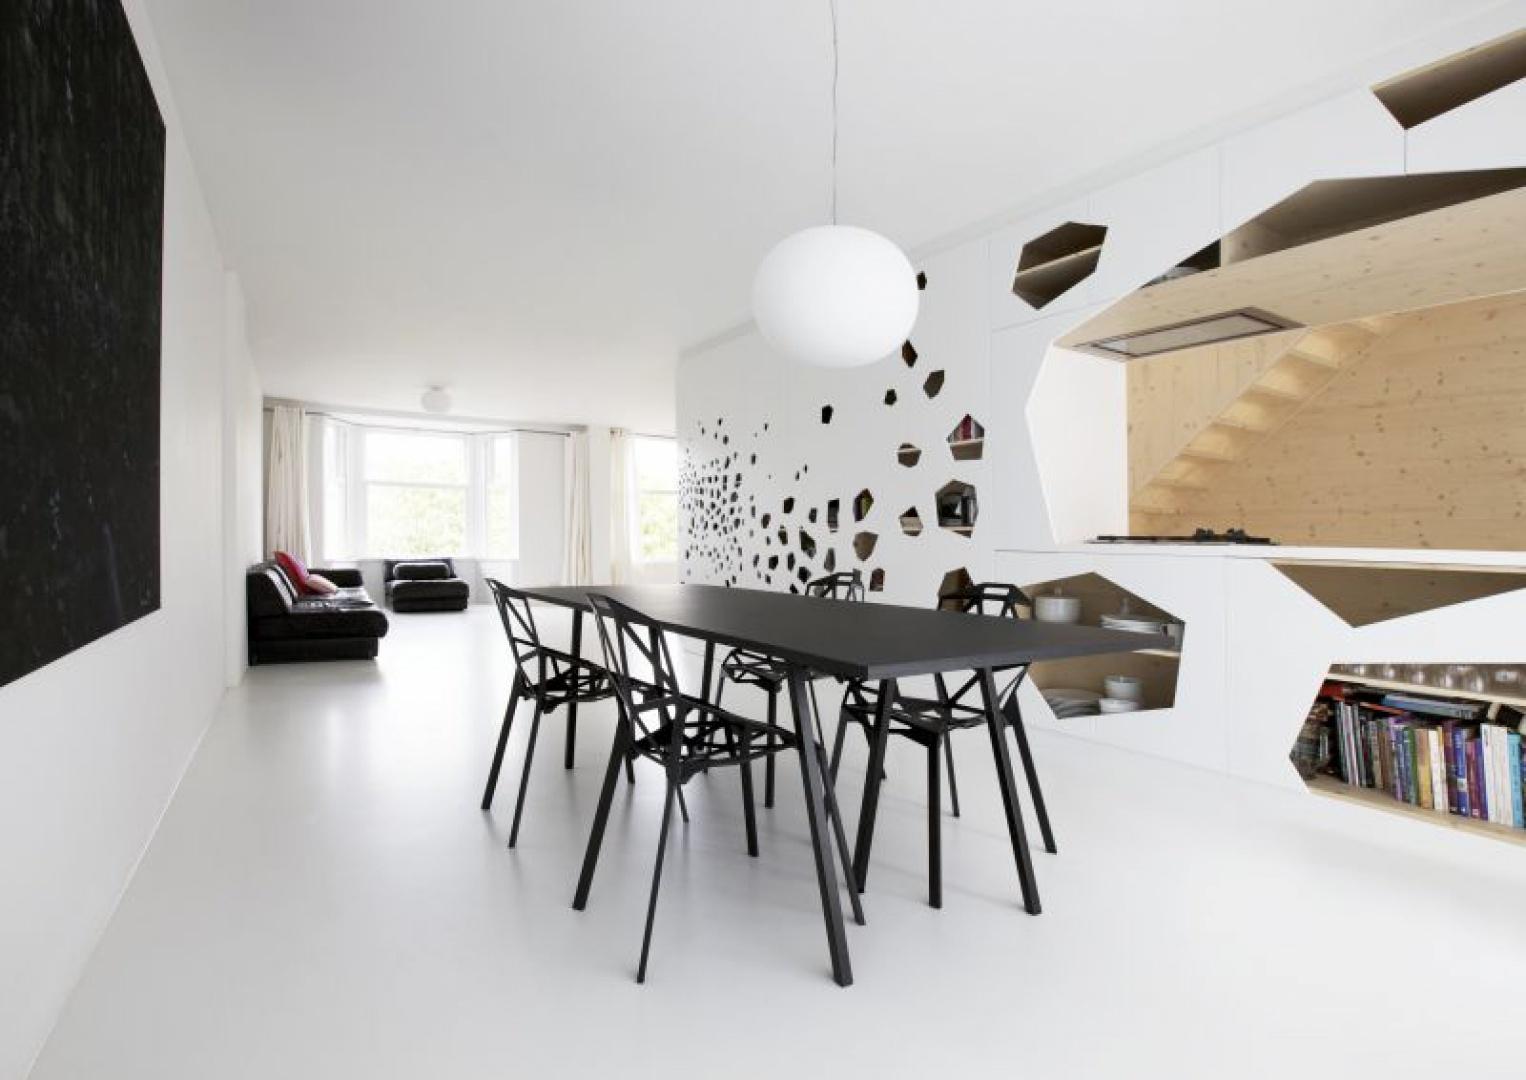 Minimalistyczna koncepcja kolorystyczna sprawiła, że w salonie dominuje biel, czerń i (w tle) brąz drewna. Starą sofę odnowiono, zaś meble dobrano pod kątem dopasowania pod dominujący, ażurowy wzór na ścianie (krzesło Chair One od Magis Constantin Grcic, stół Loop od Hay,  lampa GloBall zaprojektowana przez Jaspera Morrisona z Flos). Fot. i29 l interior architects.